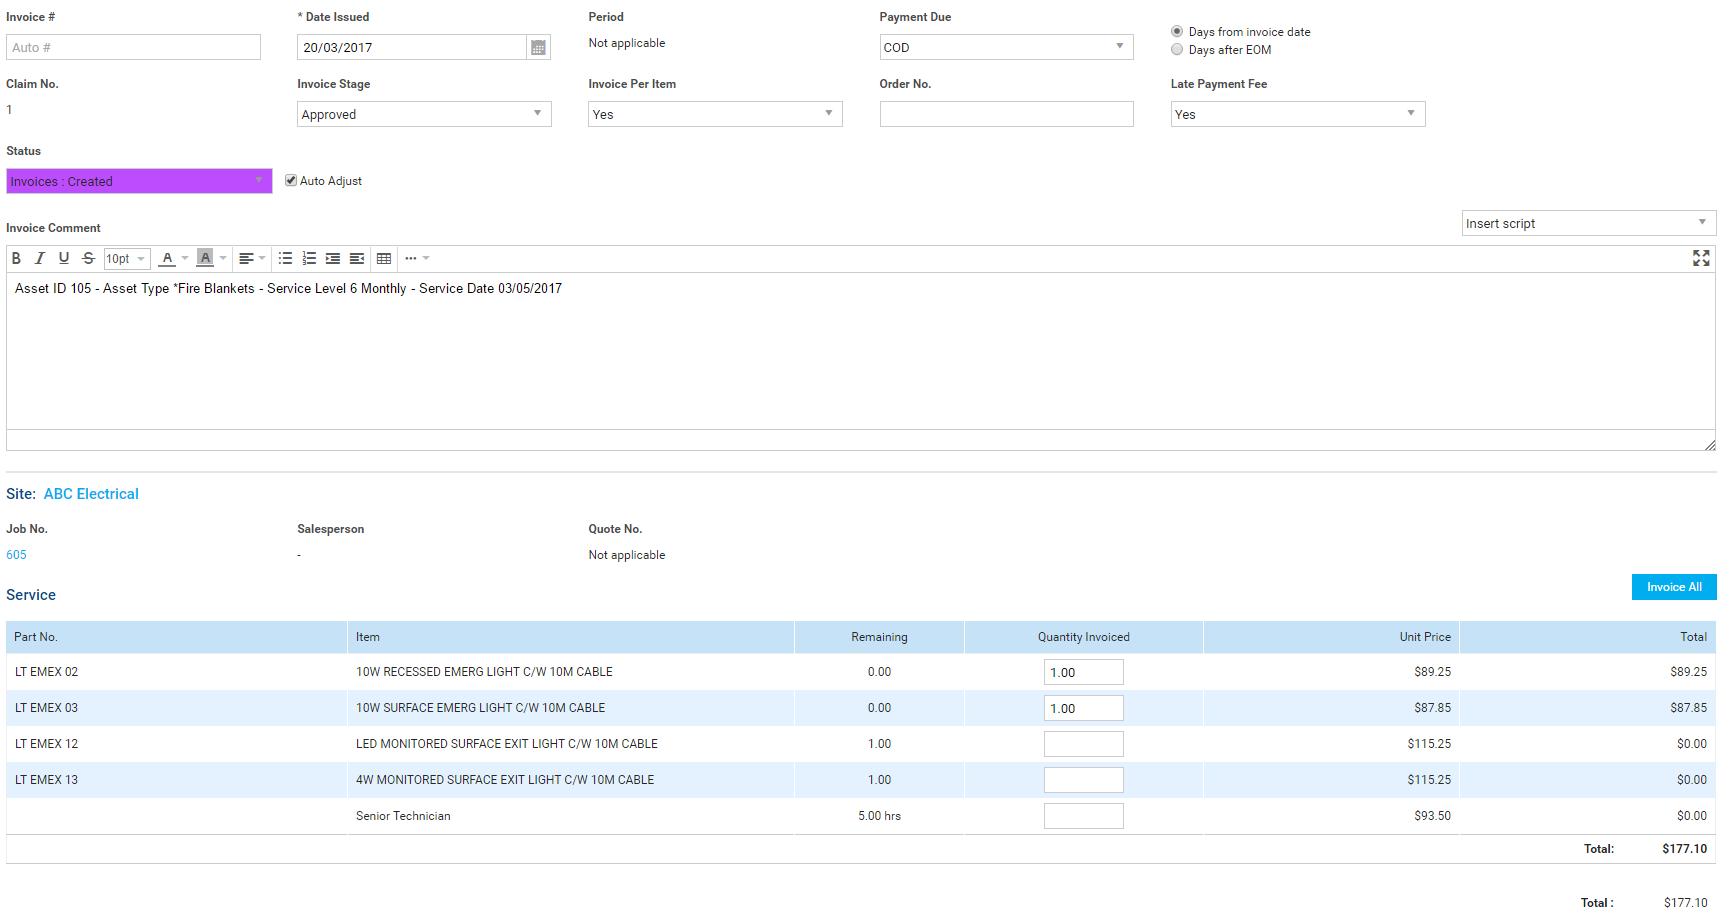 a screenshot of the invoice per item drop down